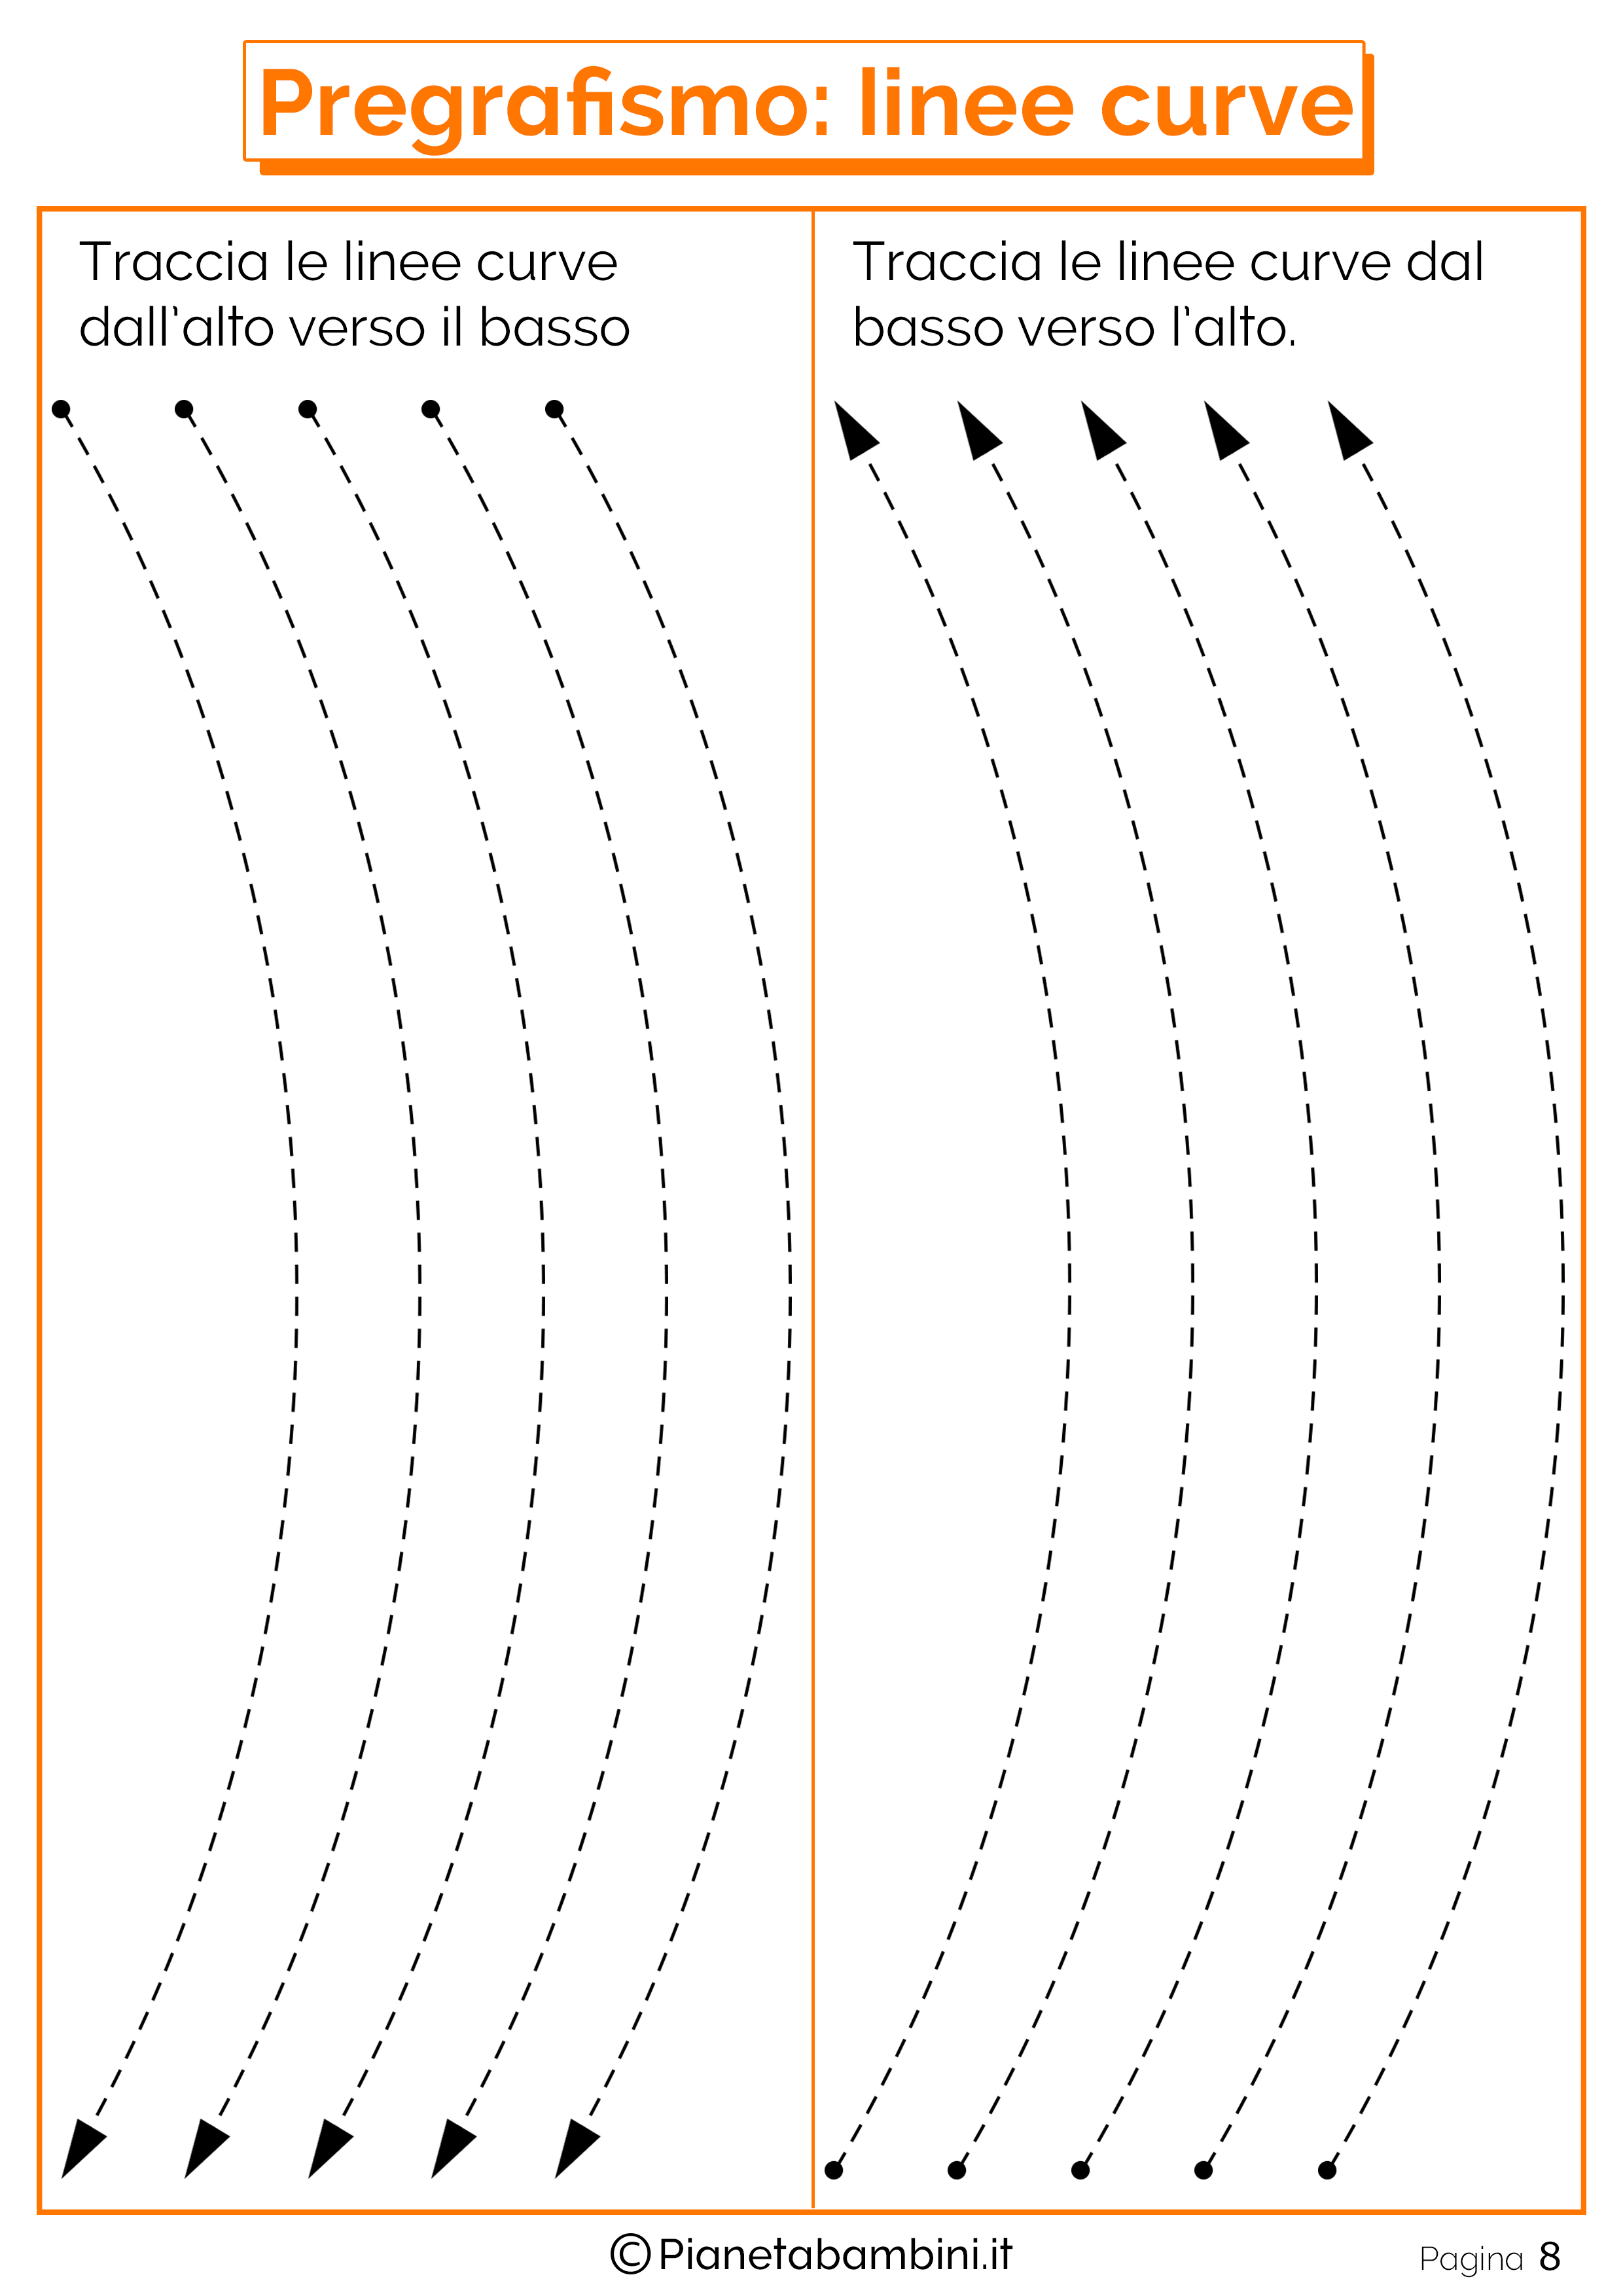 Pregrafismo-Linee-Curve_08